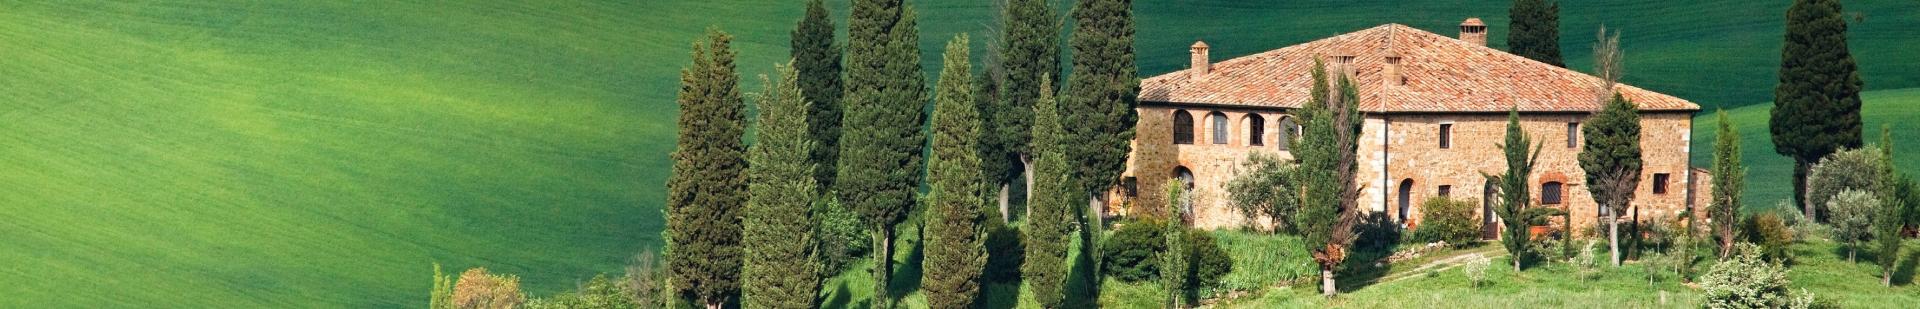 Italia central